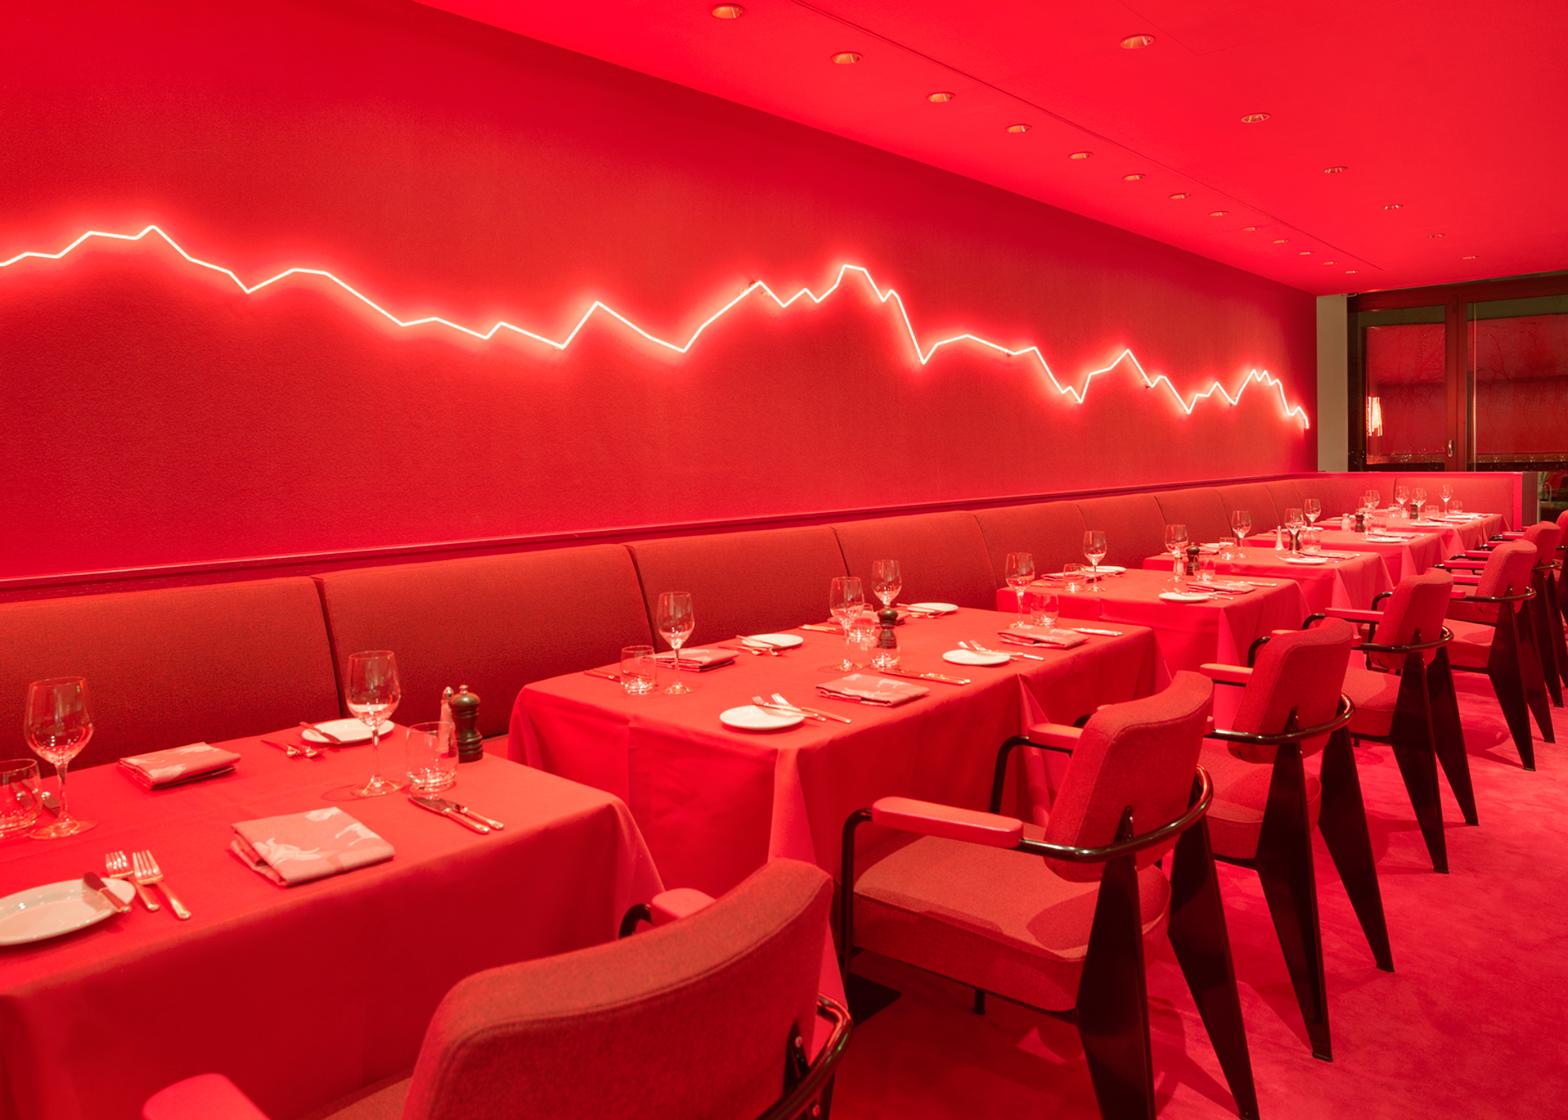 architecture_saltz_restaurant_the_dolder_grand_design_studia_interiors_osnovadesign_osnova_poltava_06